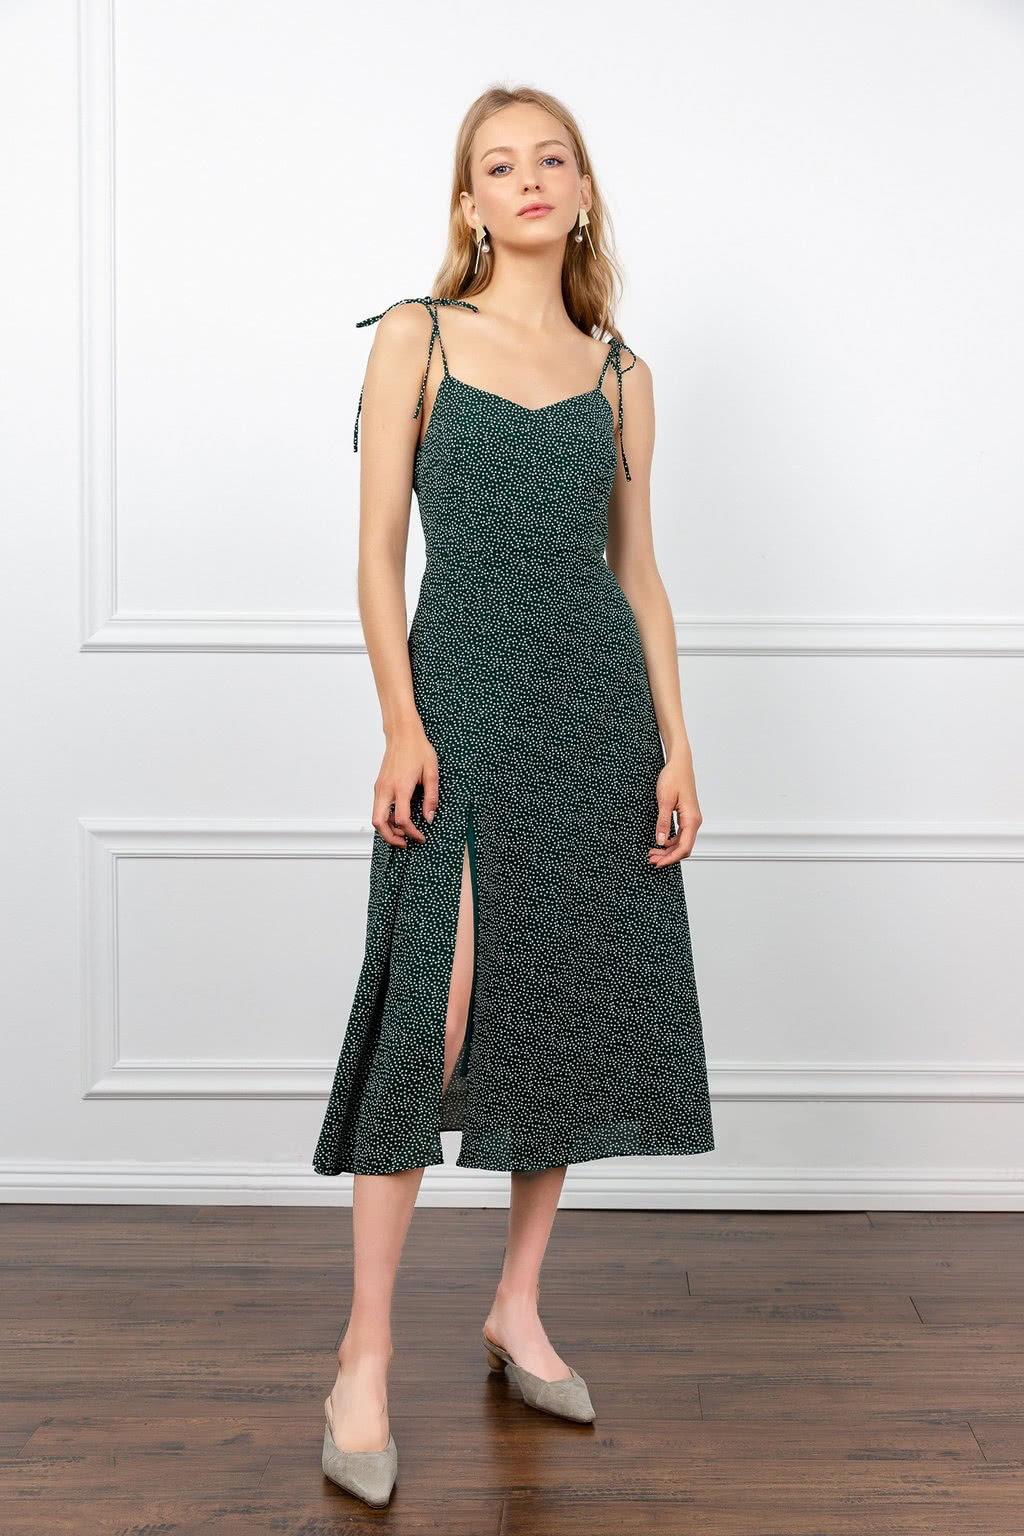 J.ING green dress summer 2019 women - Luxe Digital